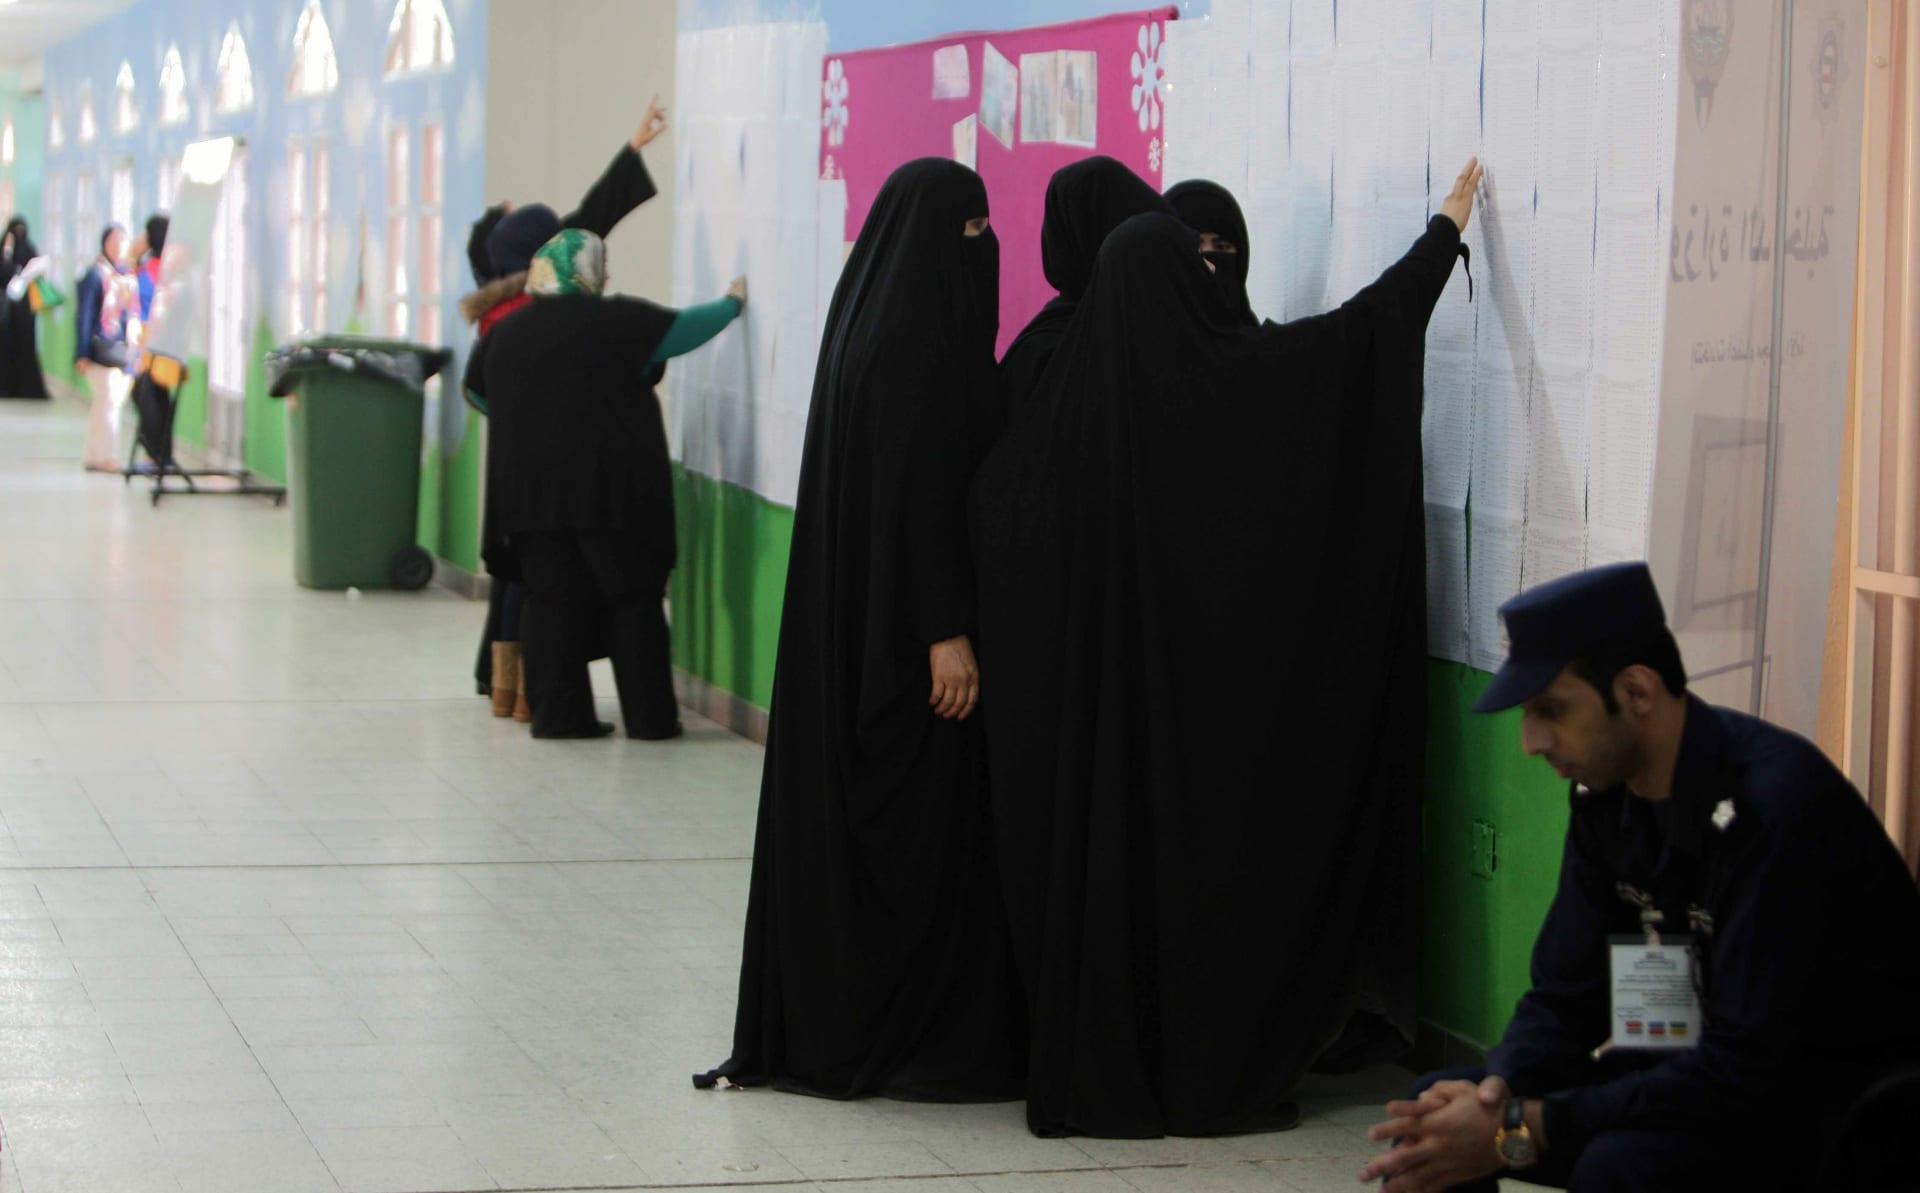 الكويت: مهلة للرد على مقترح تجنيس أبناء المطلقات والأرامل